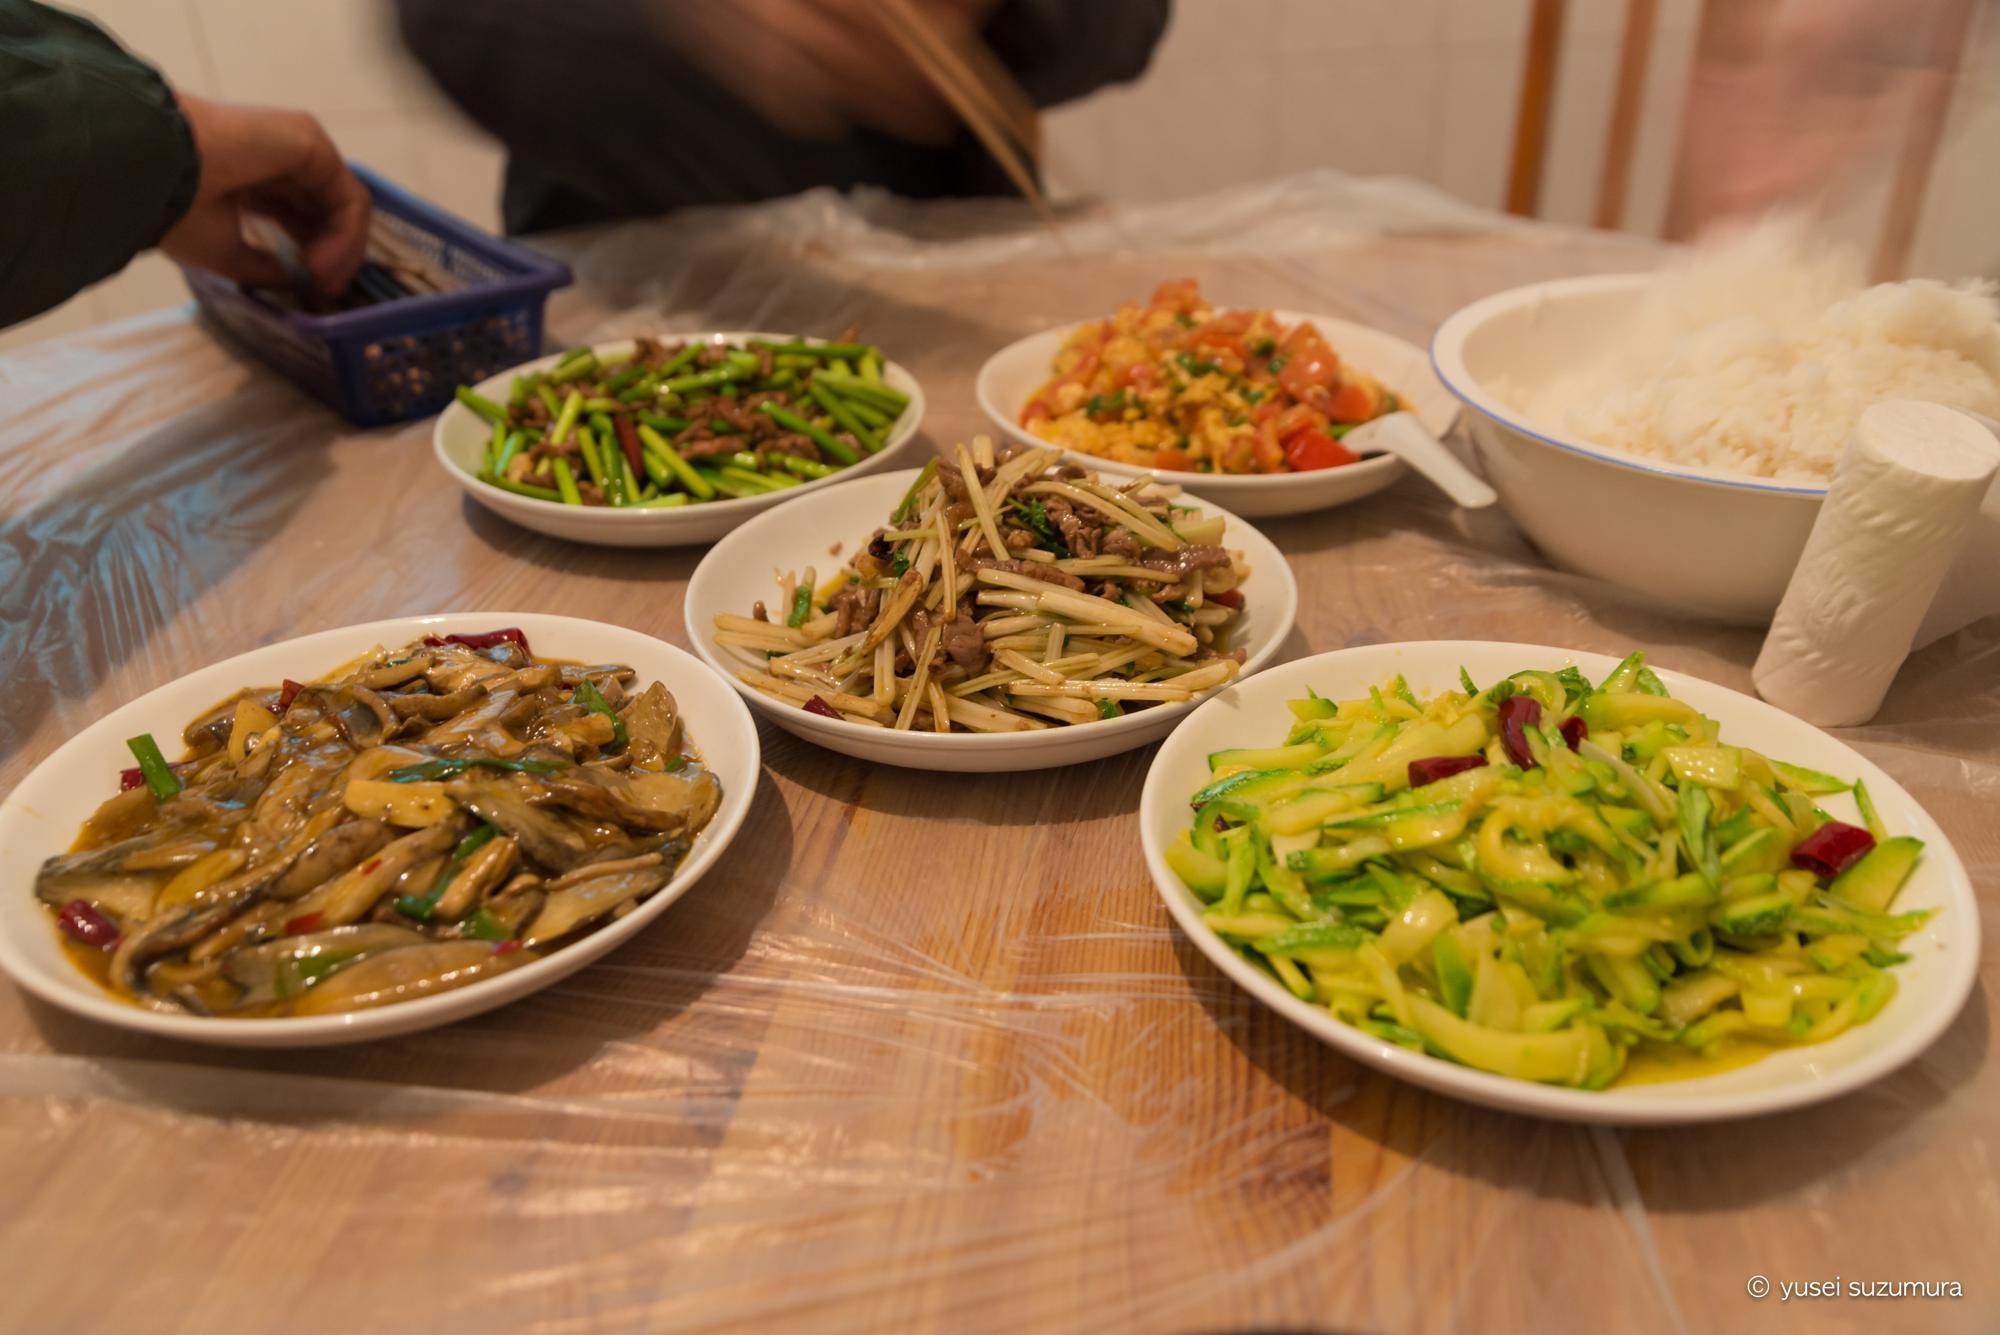 中国 食事